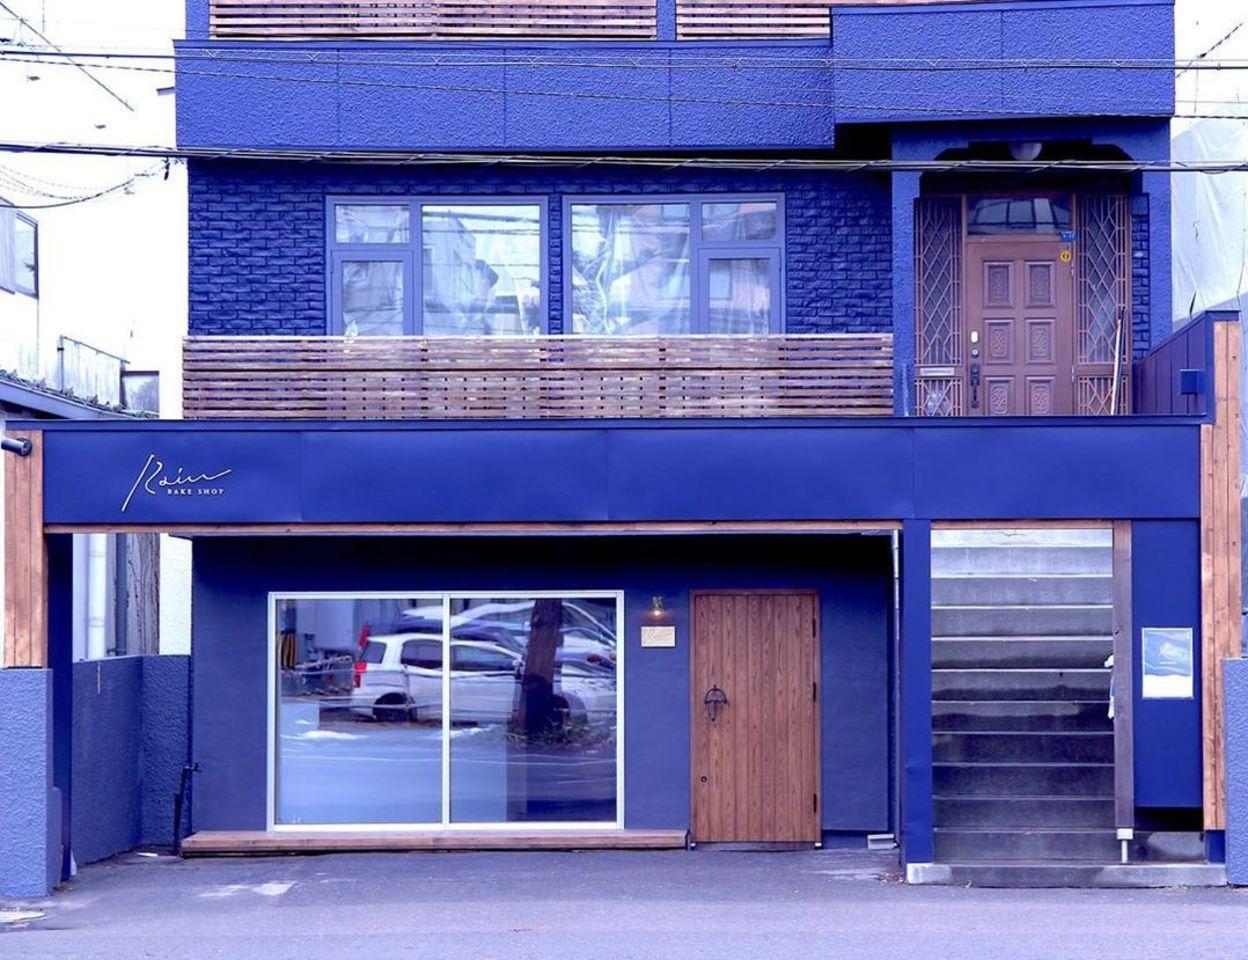 レイン2号店。。札幌市中央区南4条西20丁目に焼き菓子とギフトのお店『レインベイクショップ』オープン